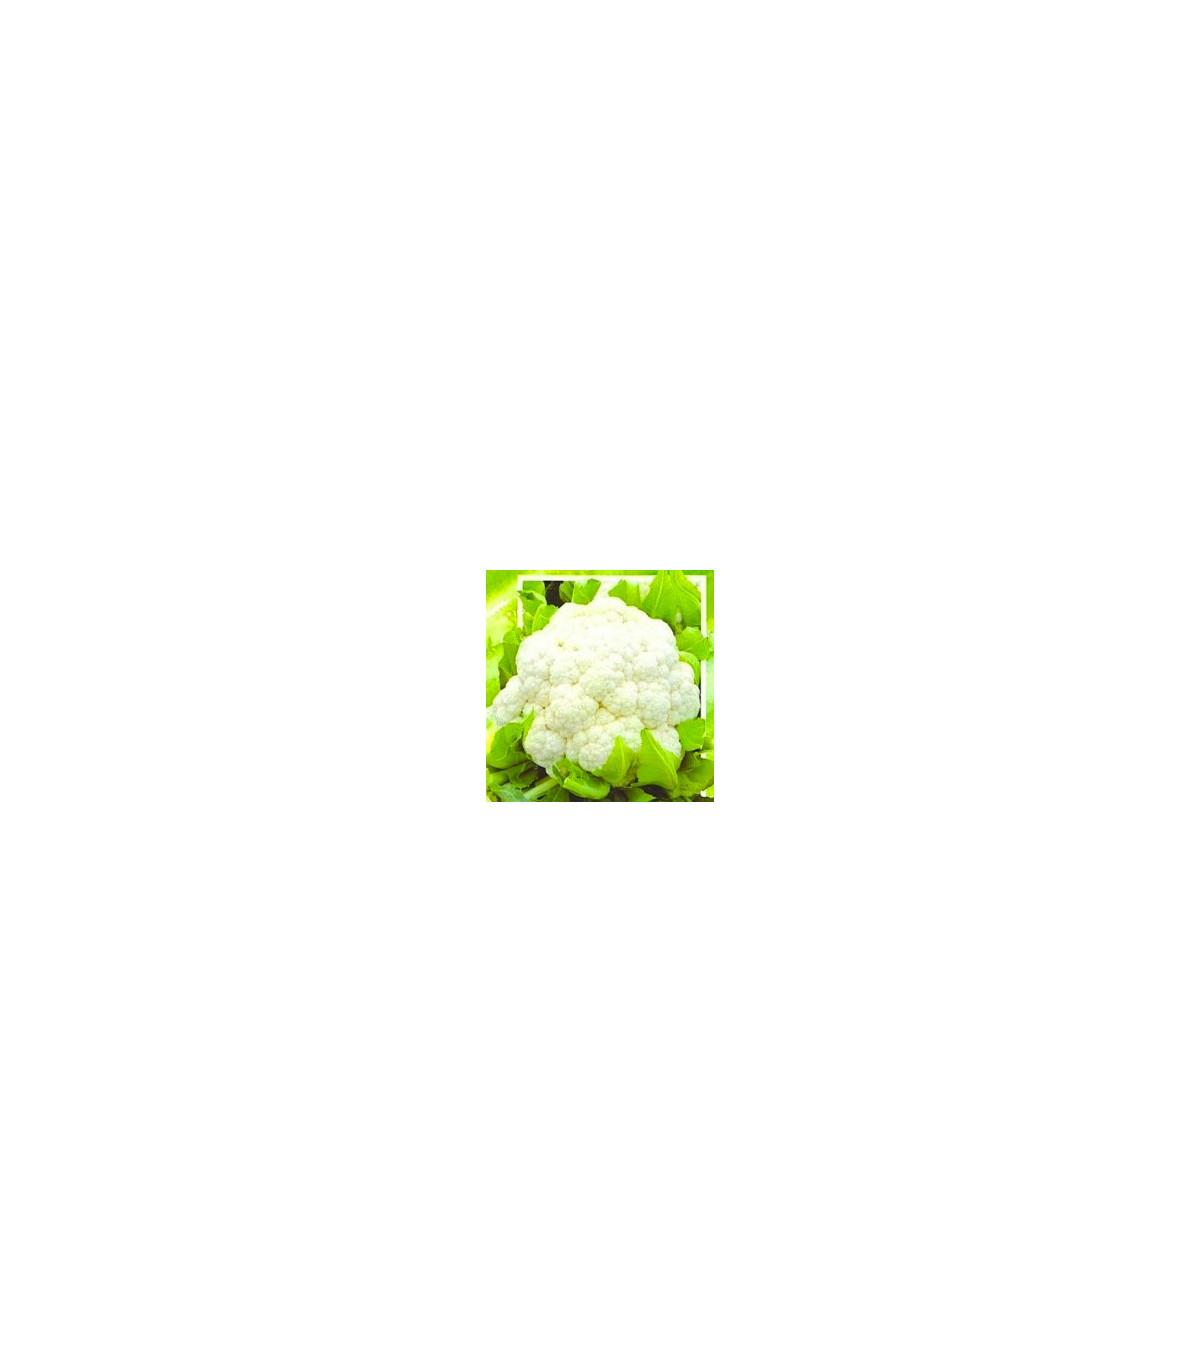 Květák polopozdní Brilant - semínka květáku - 0,5 gr